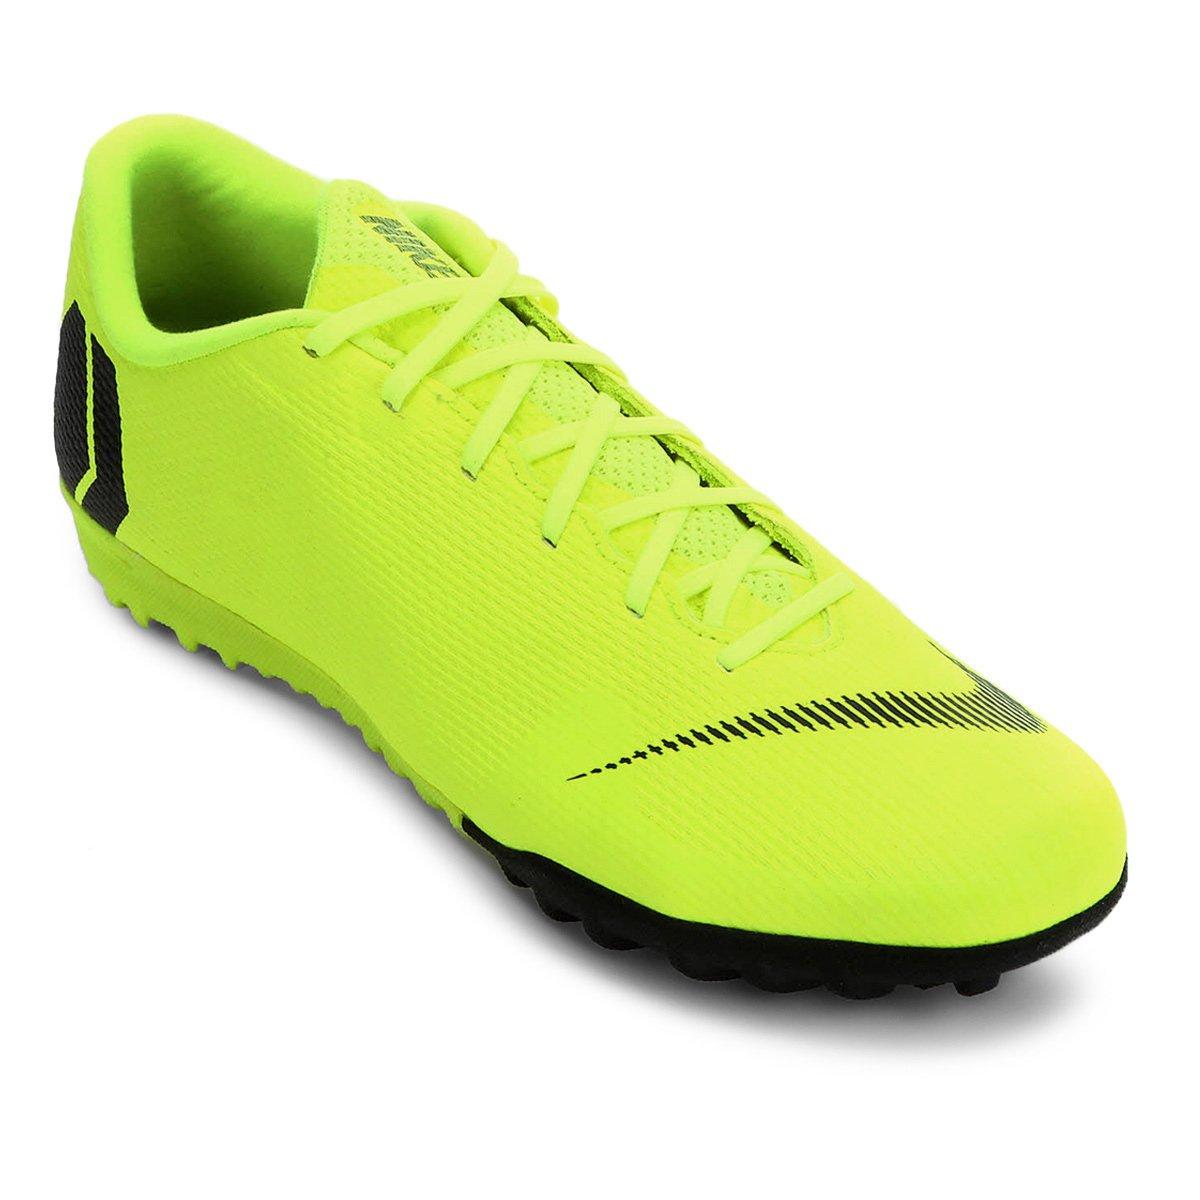 7caaece87f7 Chuteira Society Nike Mercurial Vapor 12 Academy - Amarelo e Preto - Compre  Agora